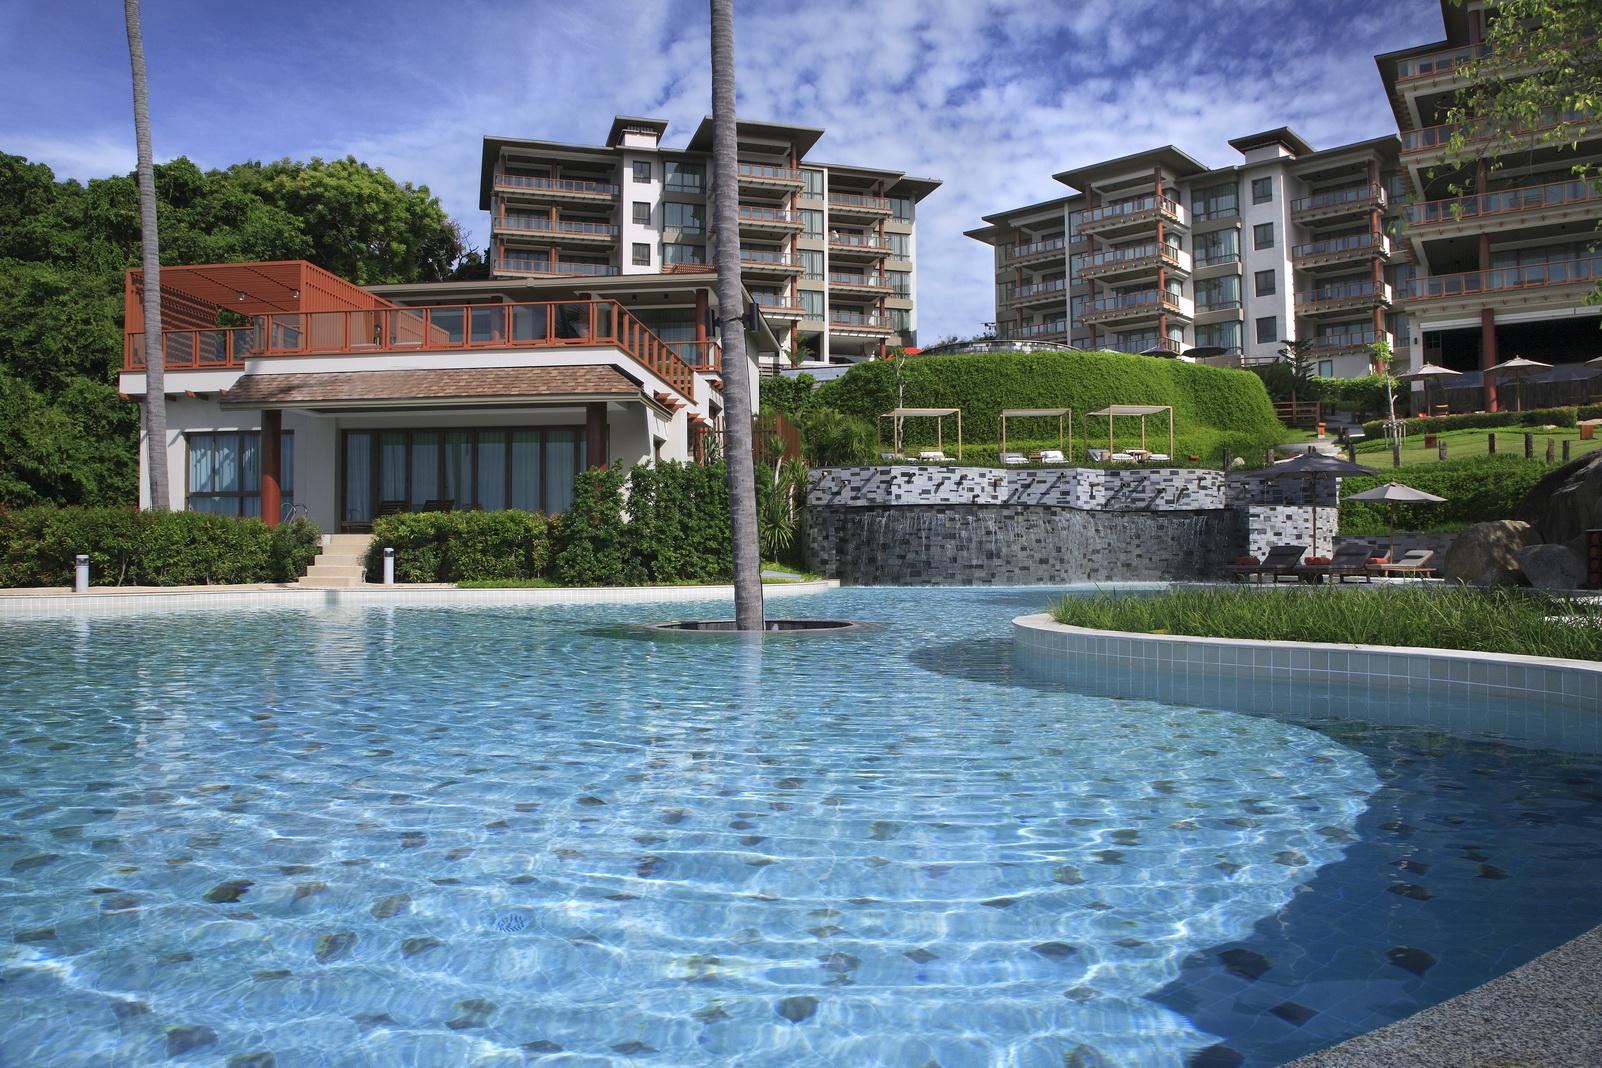 โรงแรมชาซ่า รีสอร์ท แอนด์ เรสซิเด้นซ์เซส เกาะสมุย